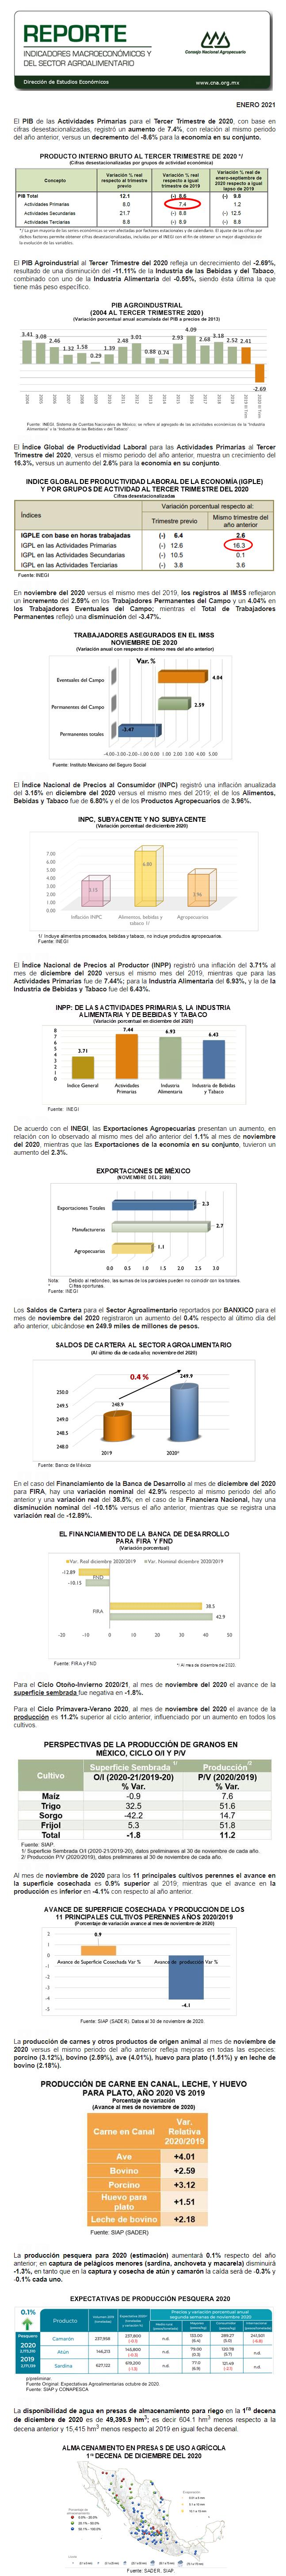 Reporte de Indicadores Macroeconómicos y Sectoriales del Sector Enero 2021